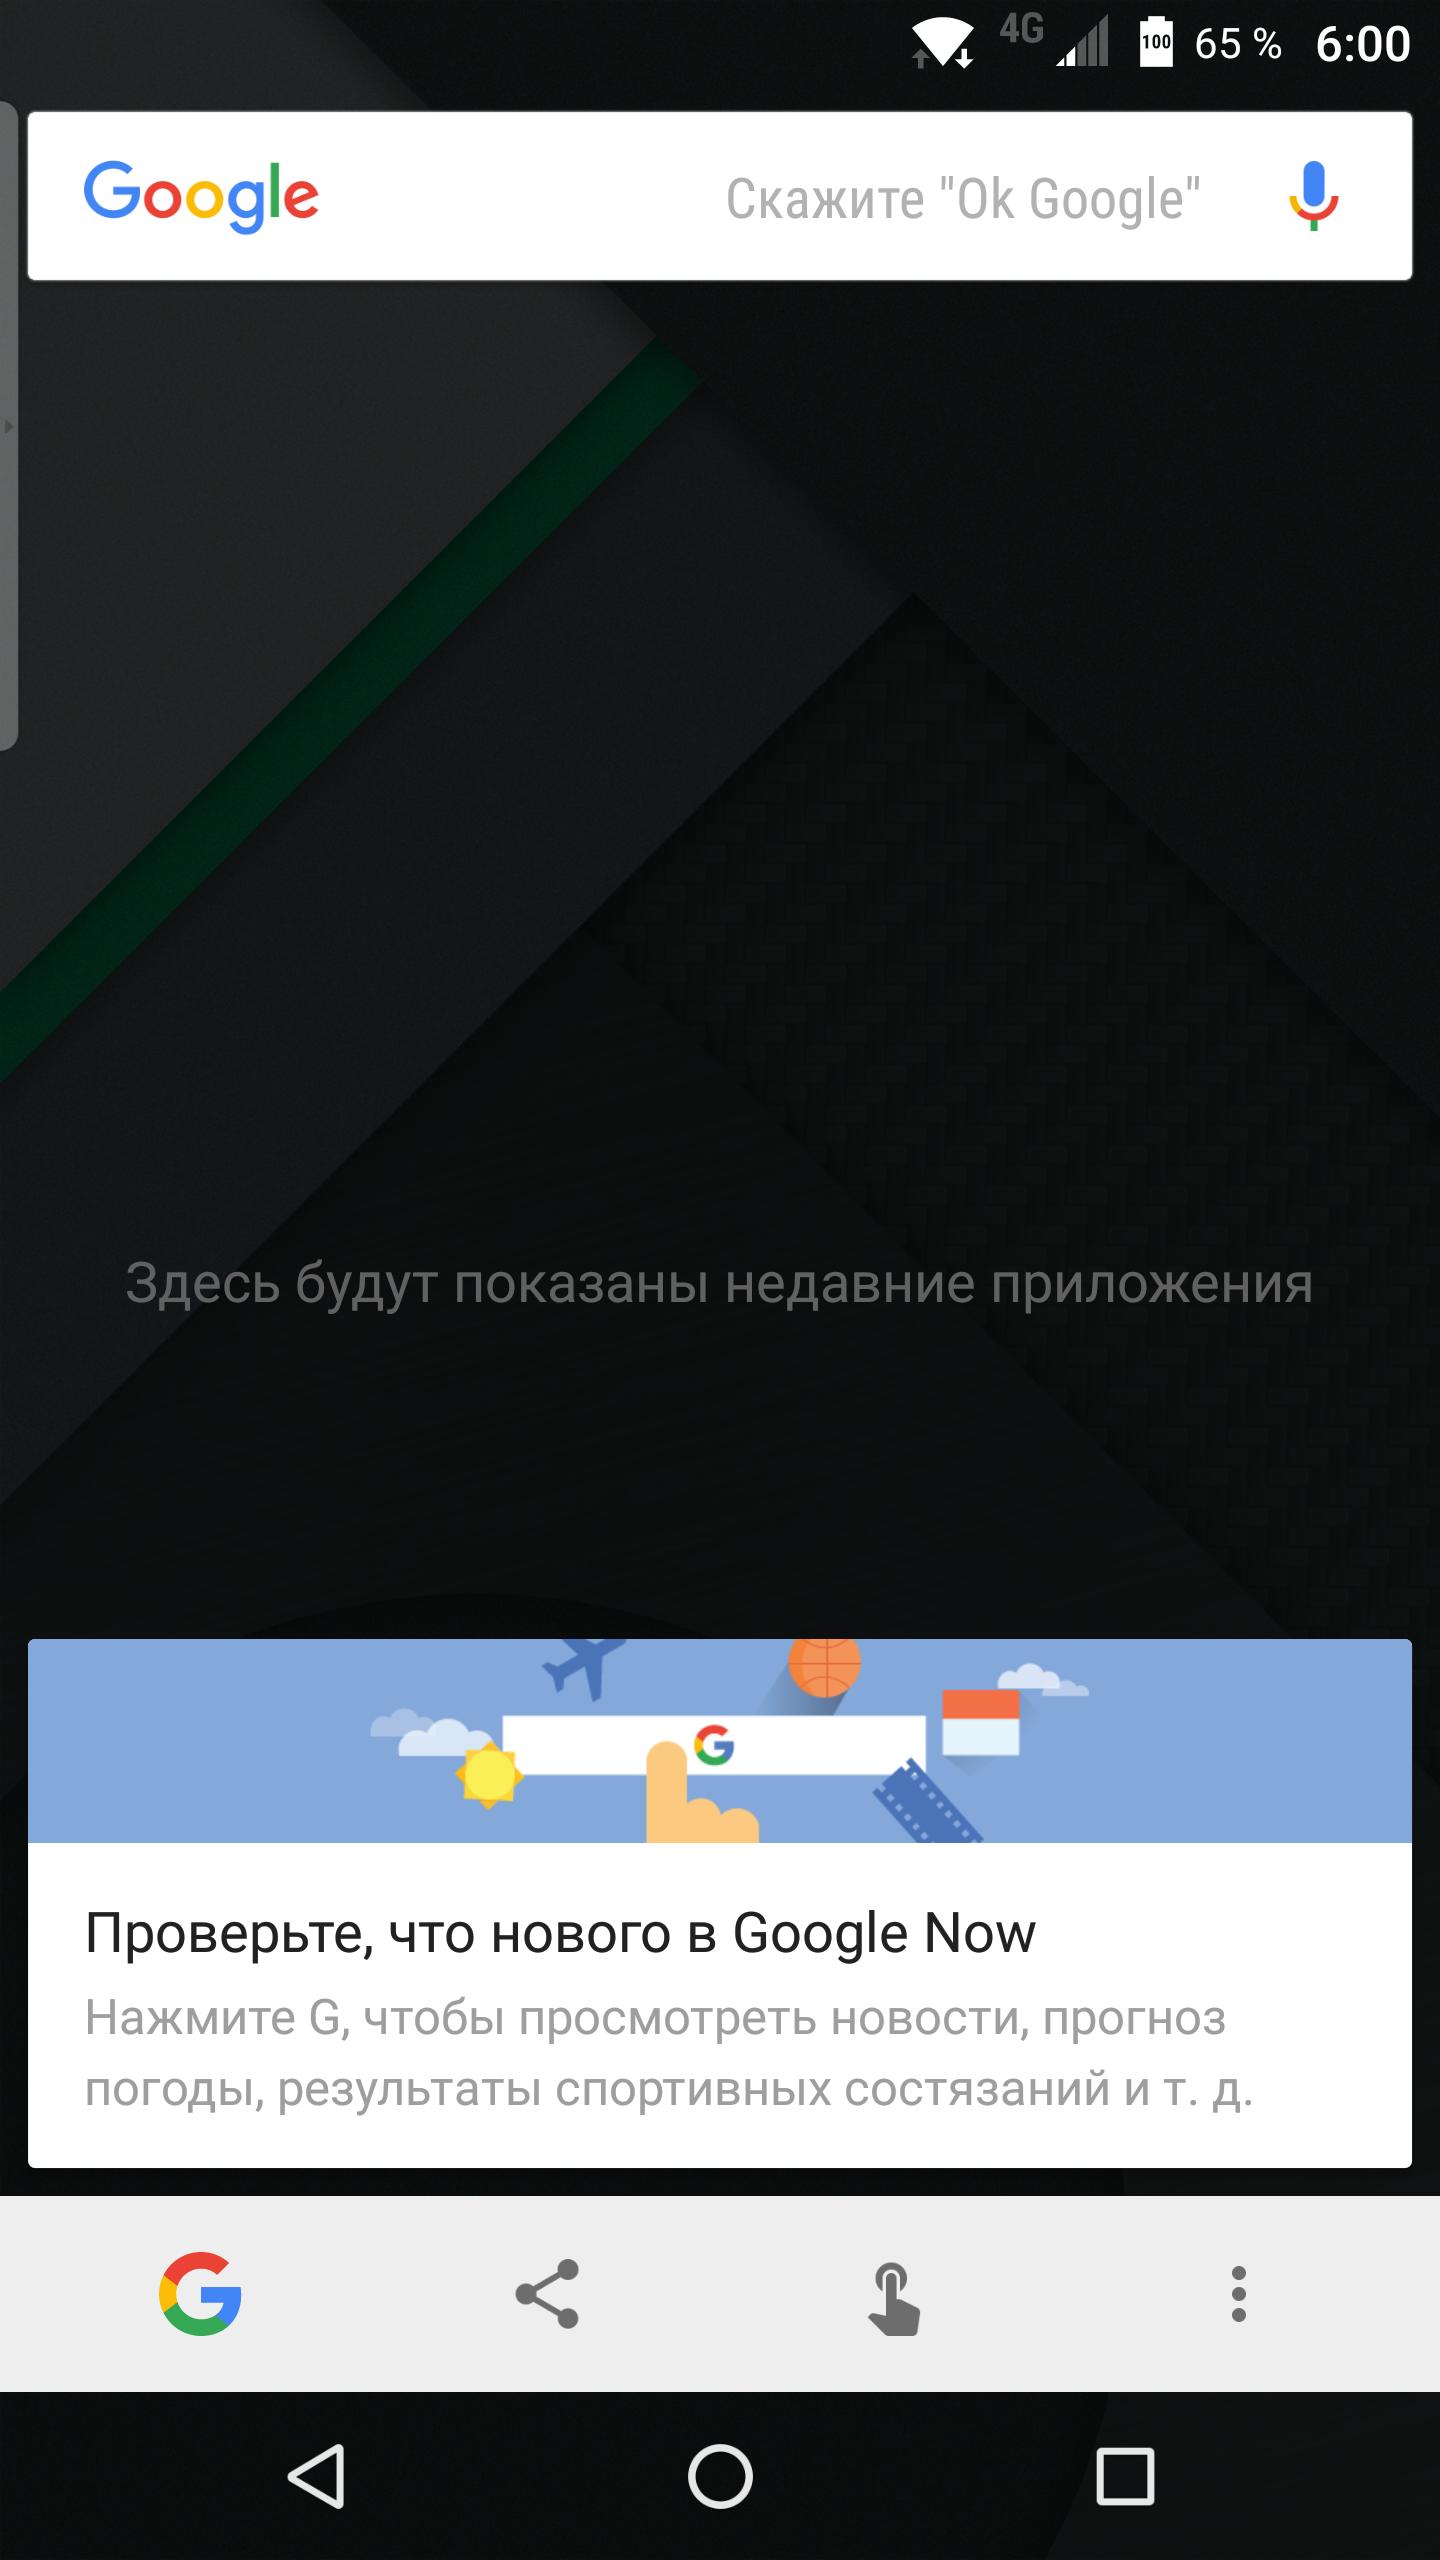 Как сделать чтобы в гугле показывало погоду